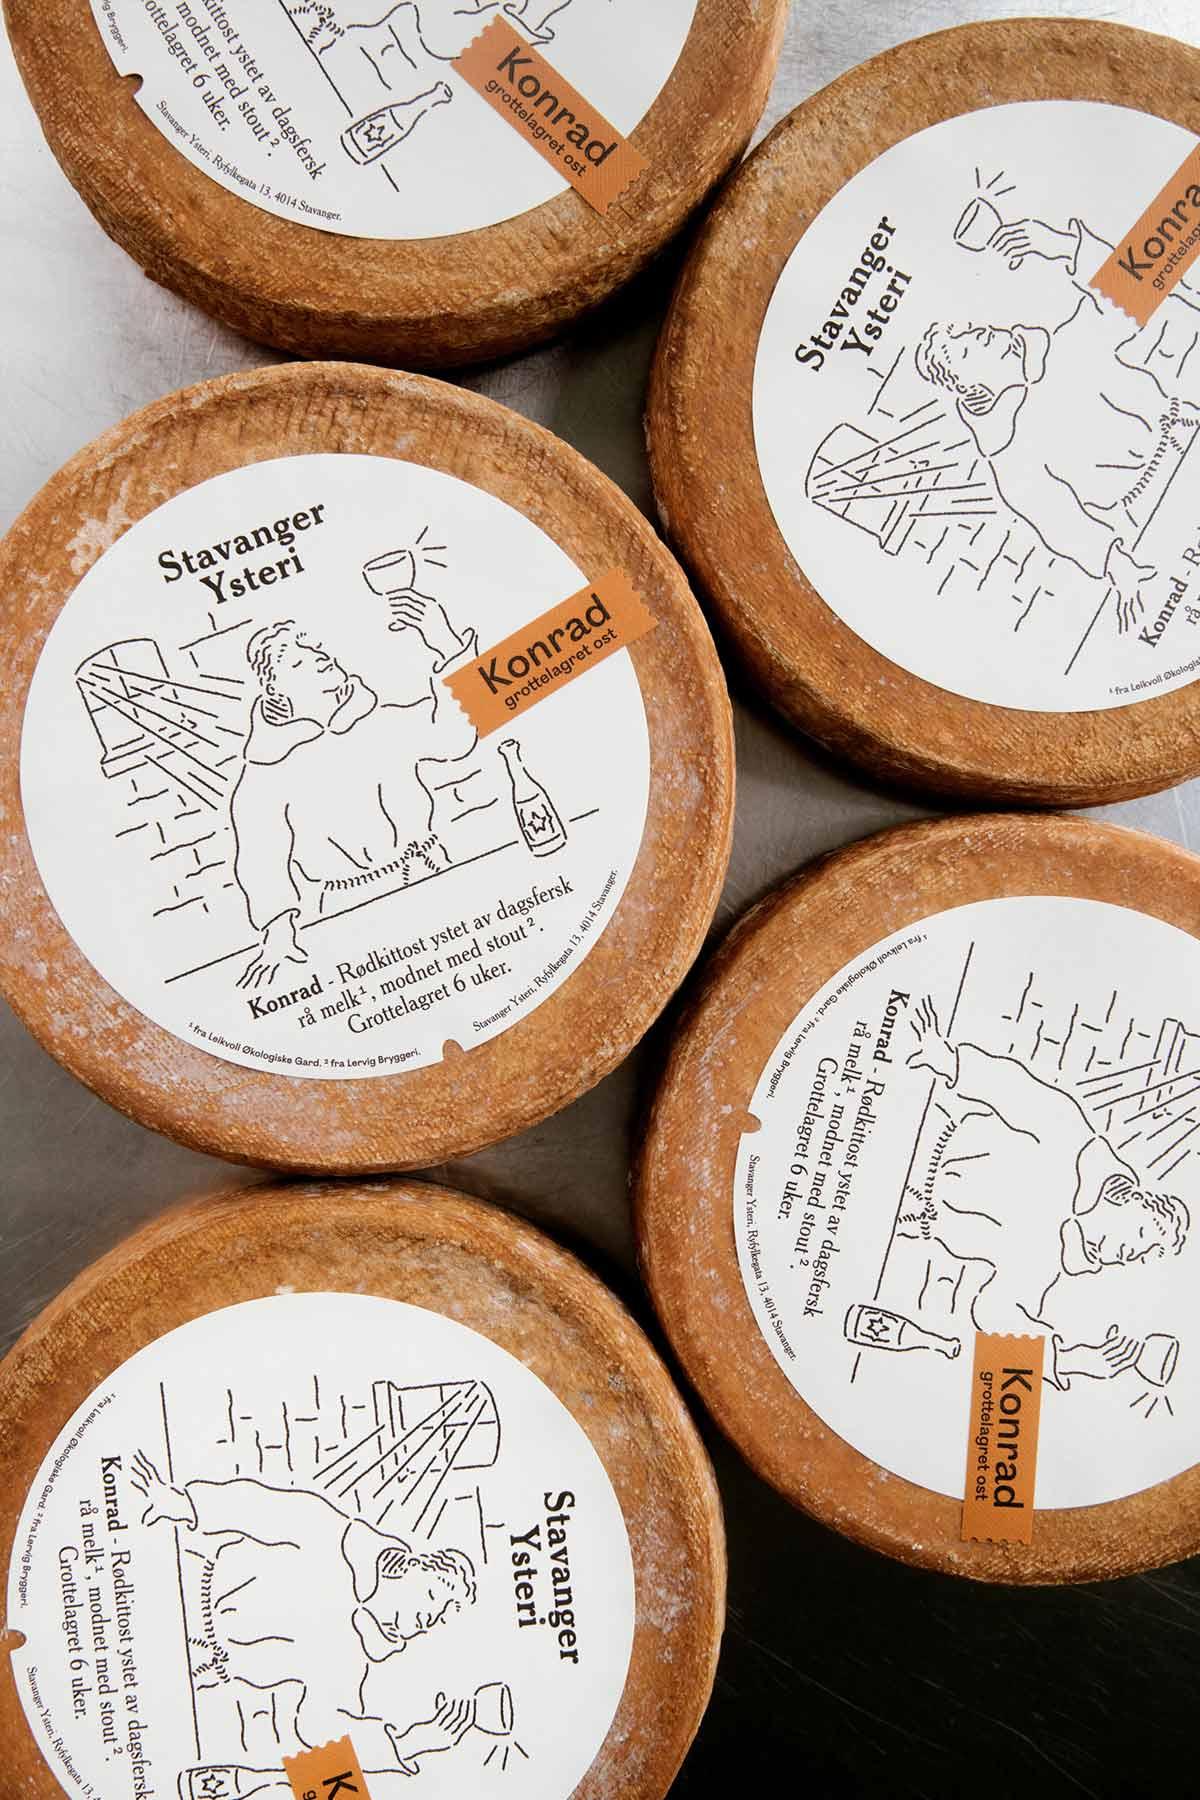 插画风格!奶酪品牌VI设计